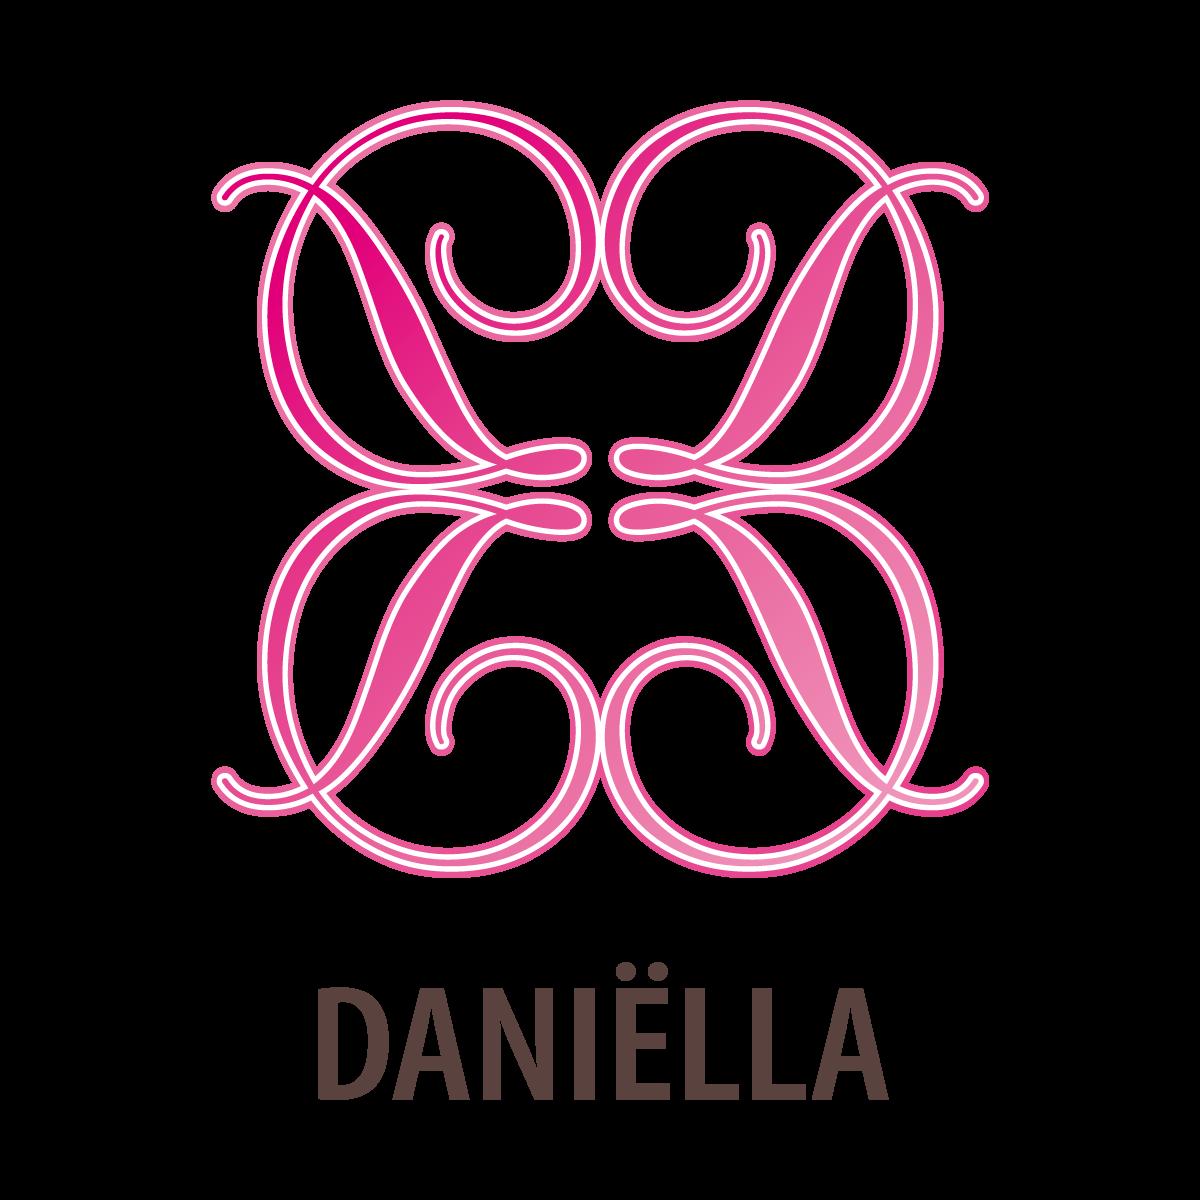 Daniellaknipt